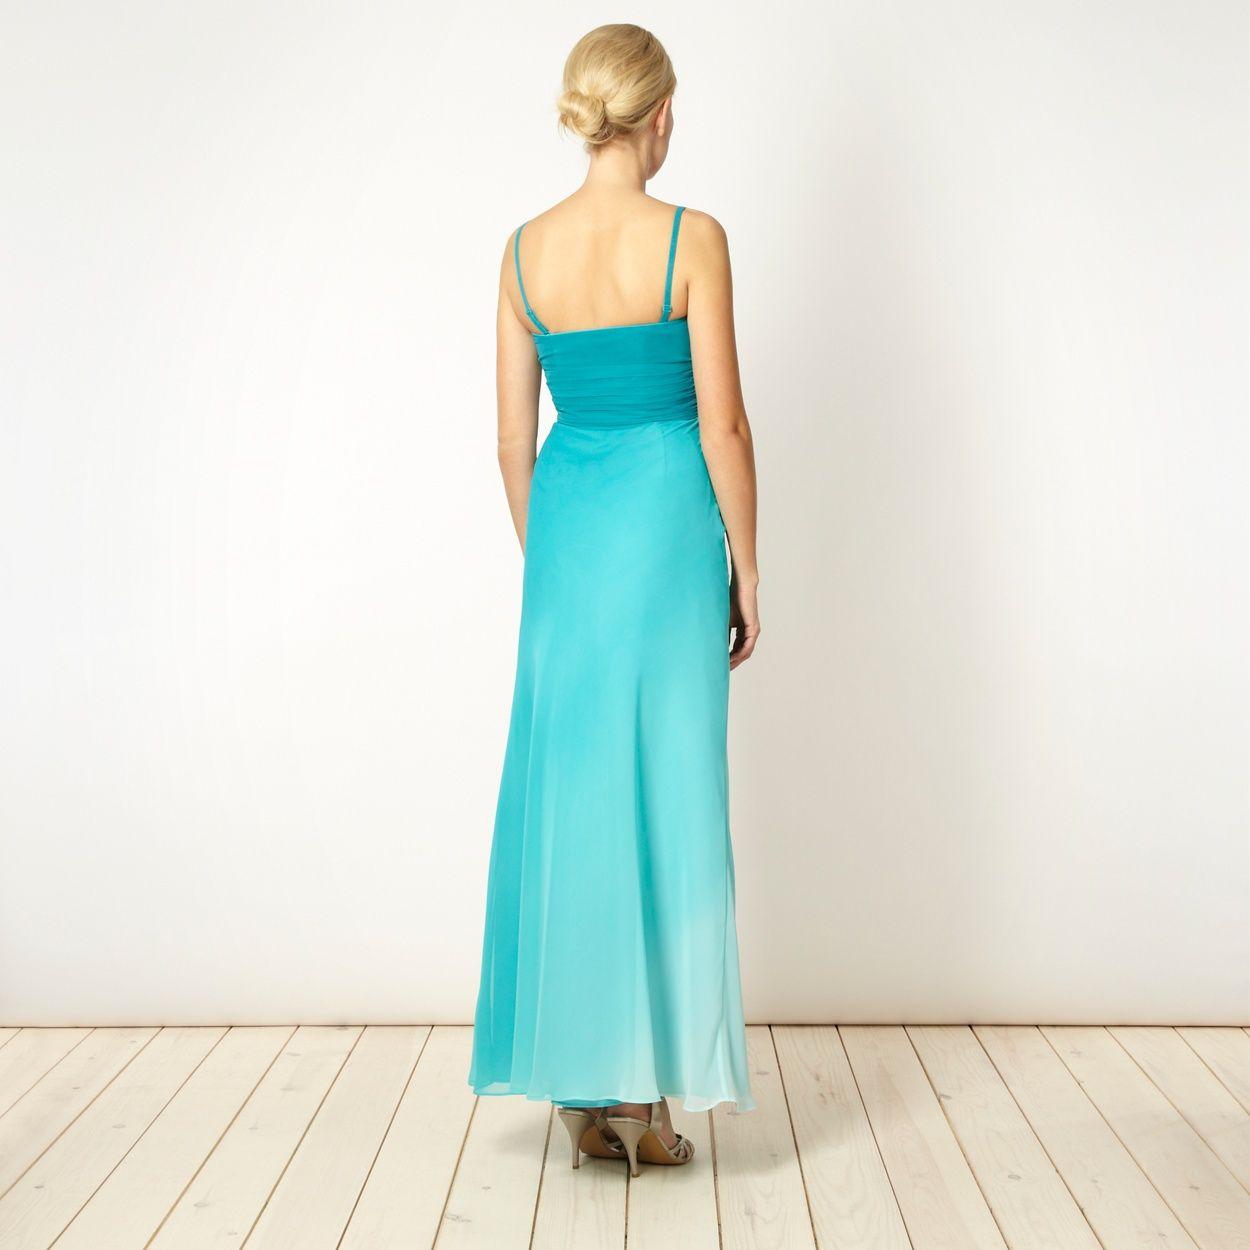 Debut Aqua graduated bandeau maxi dress- at Debenhams.com | Photo ...